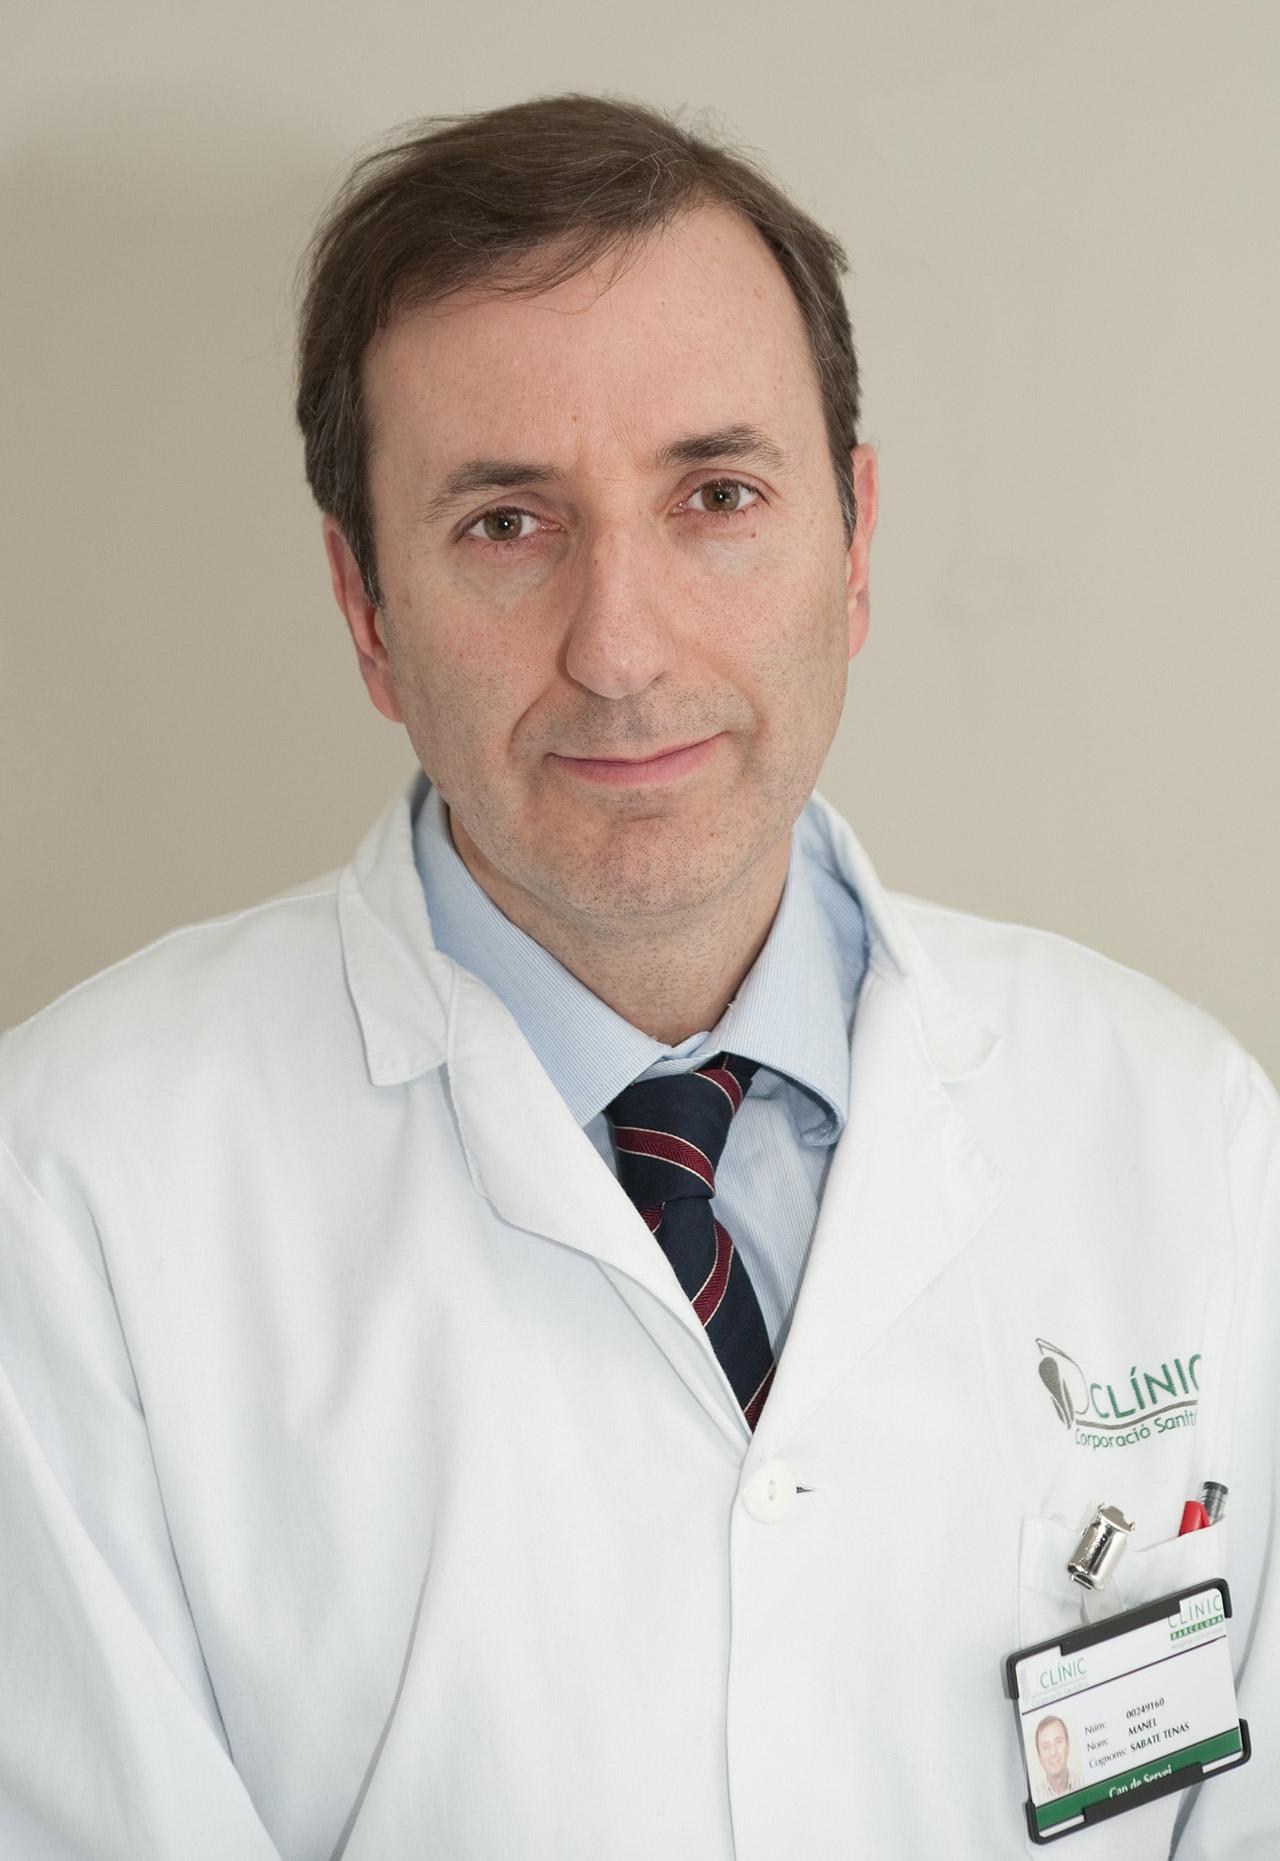 Manel Sabaté, jefe de la Unidad de Cardiolog�a Intervencionista del Instituto Cardiovascular en el Hospital Cl�nico de Barcelona.